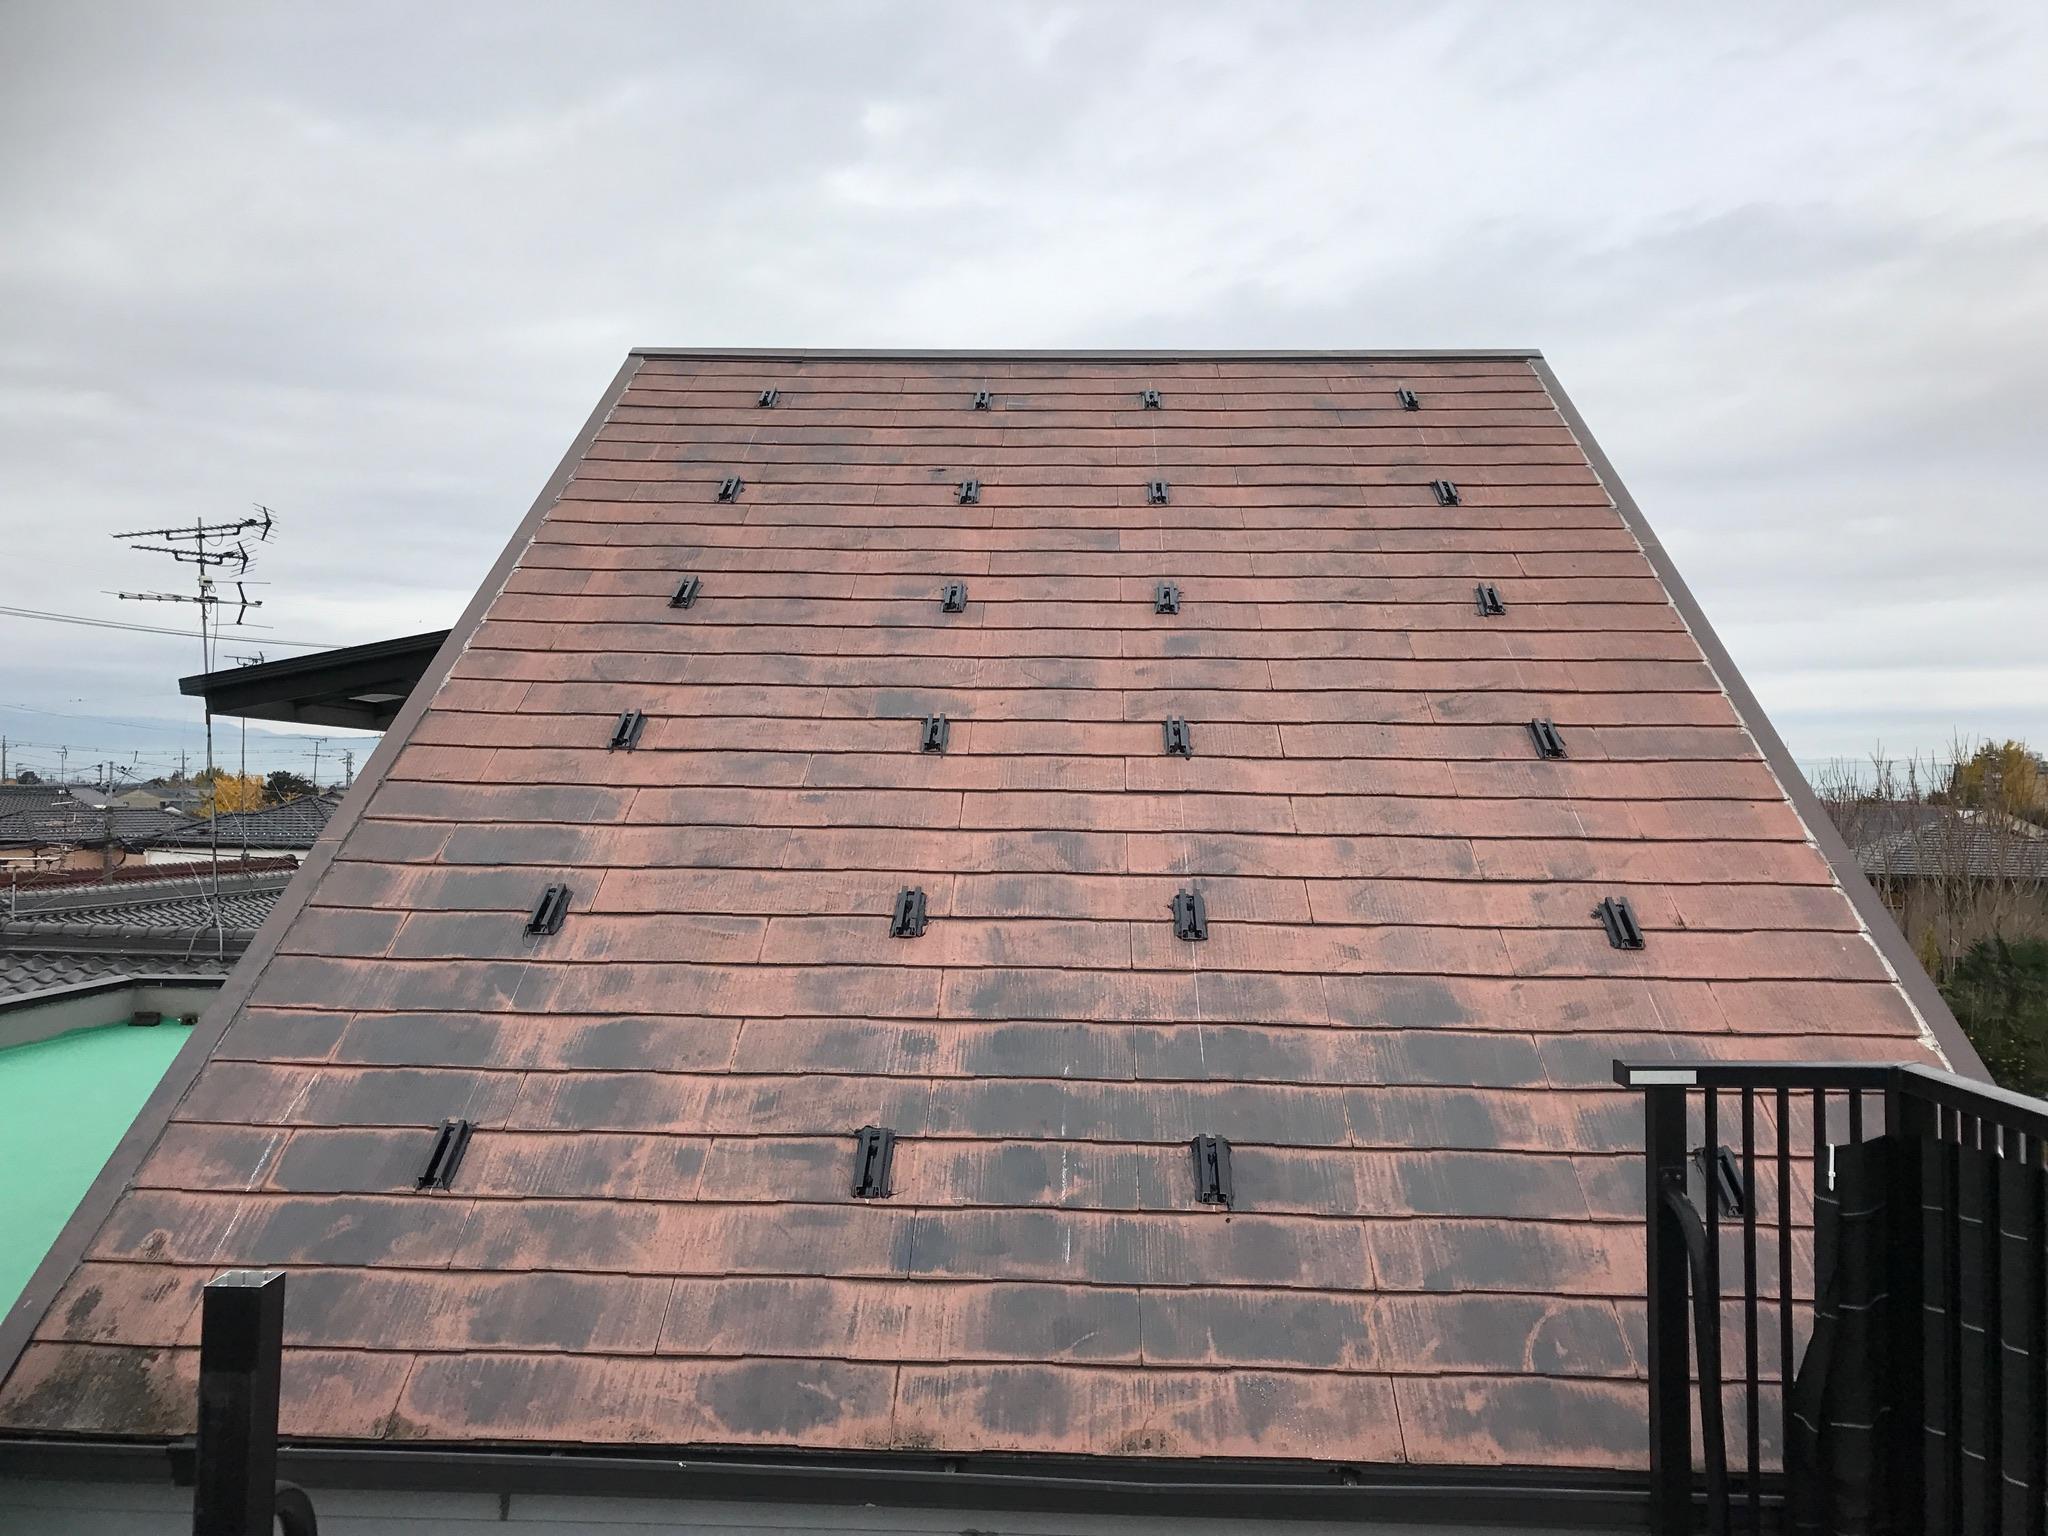 滋賀県三菱太陽光パネル 10PV-MA2250M施工前の写真